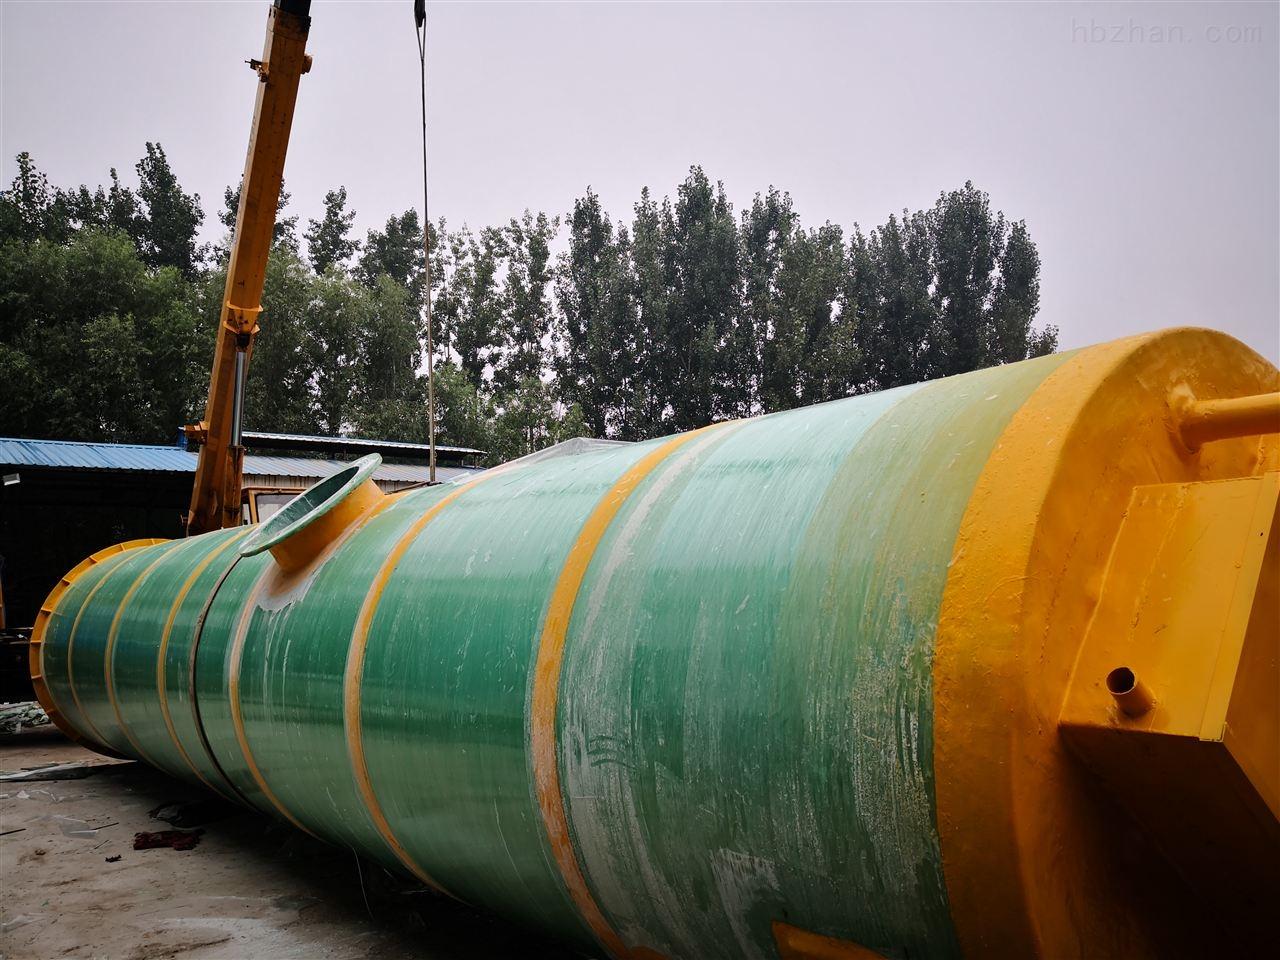 邯郸市市政给排水一体化预制泵站铸造辉煌